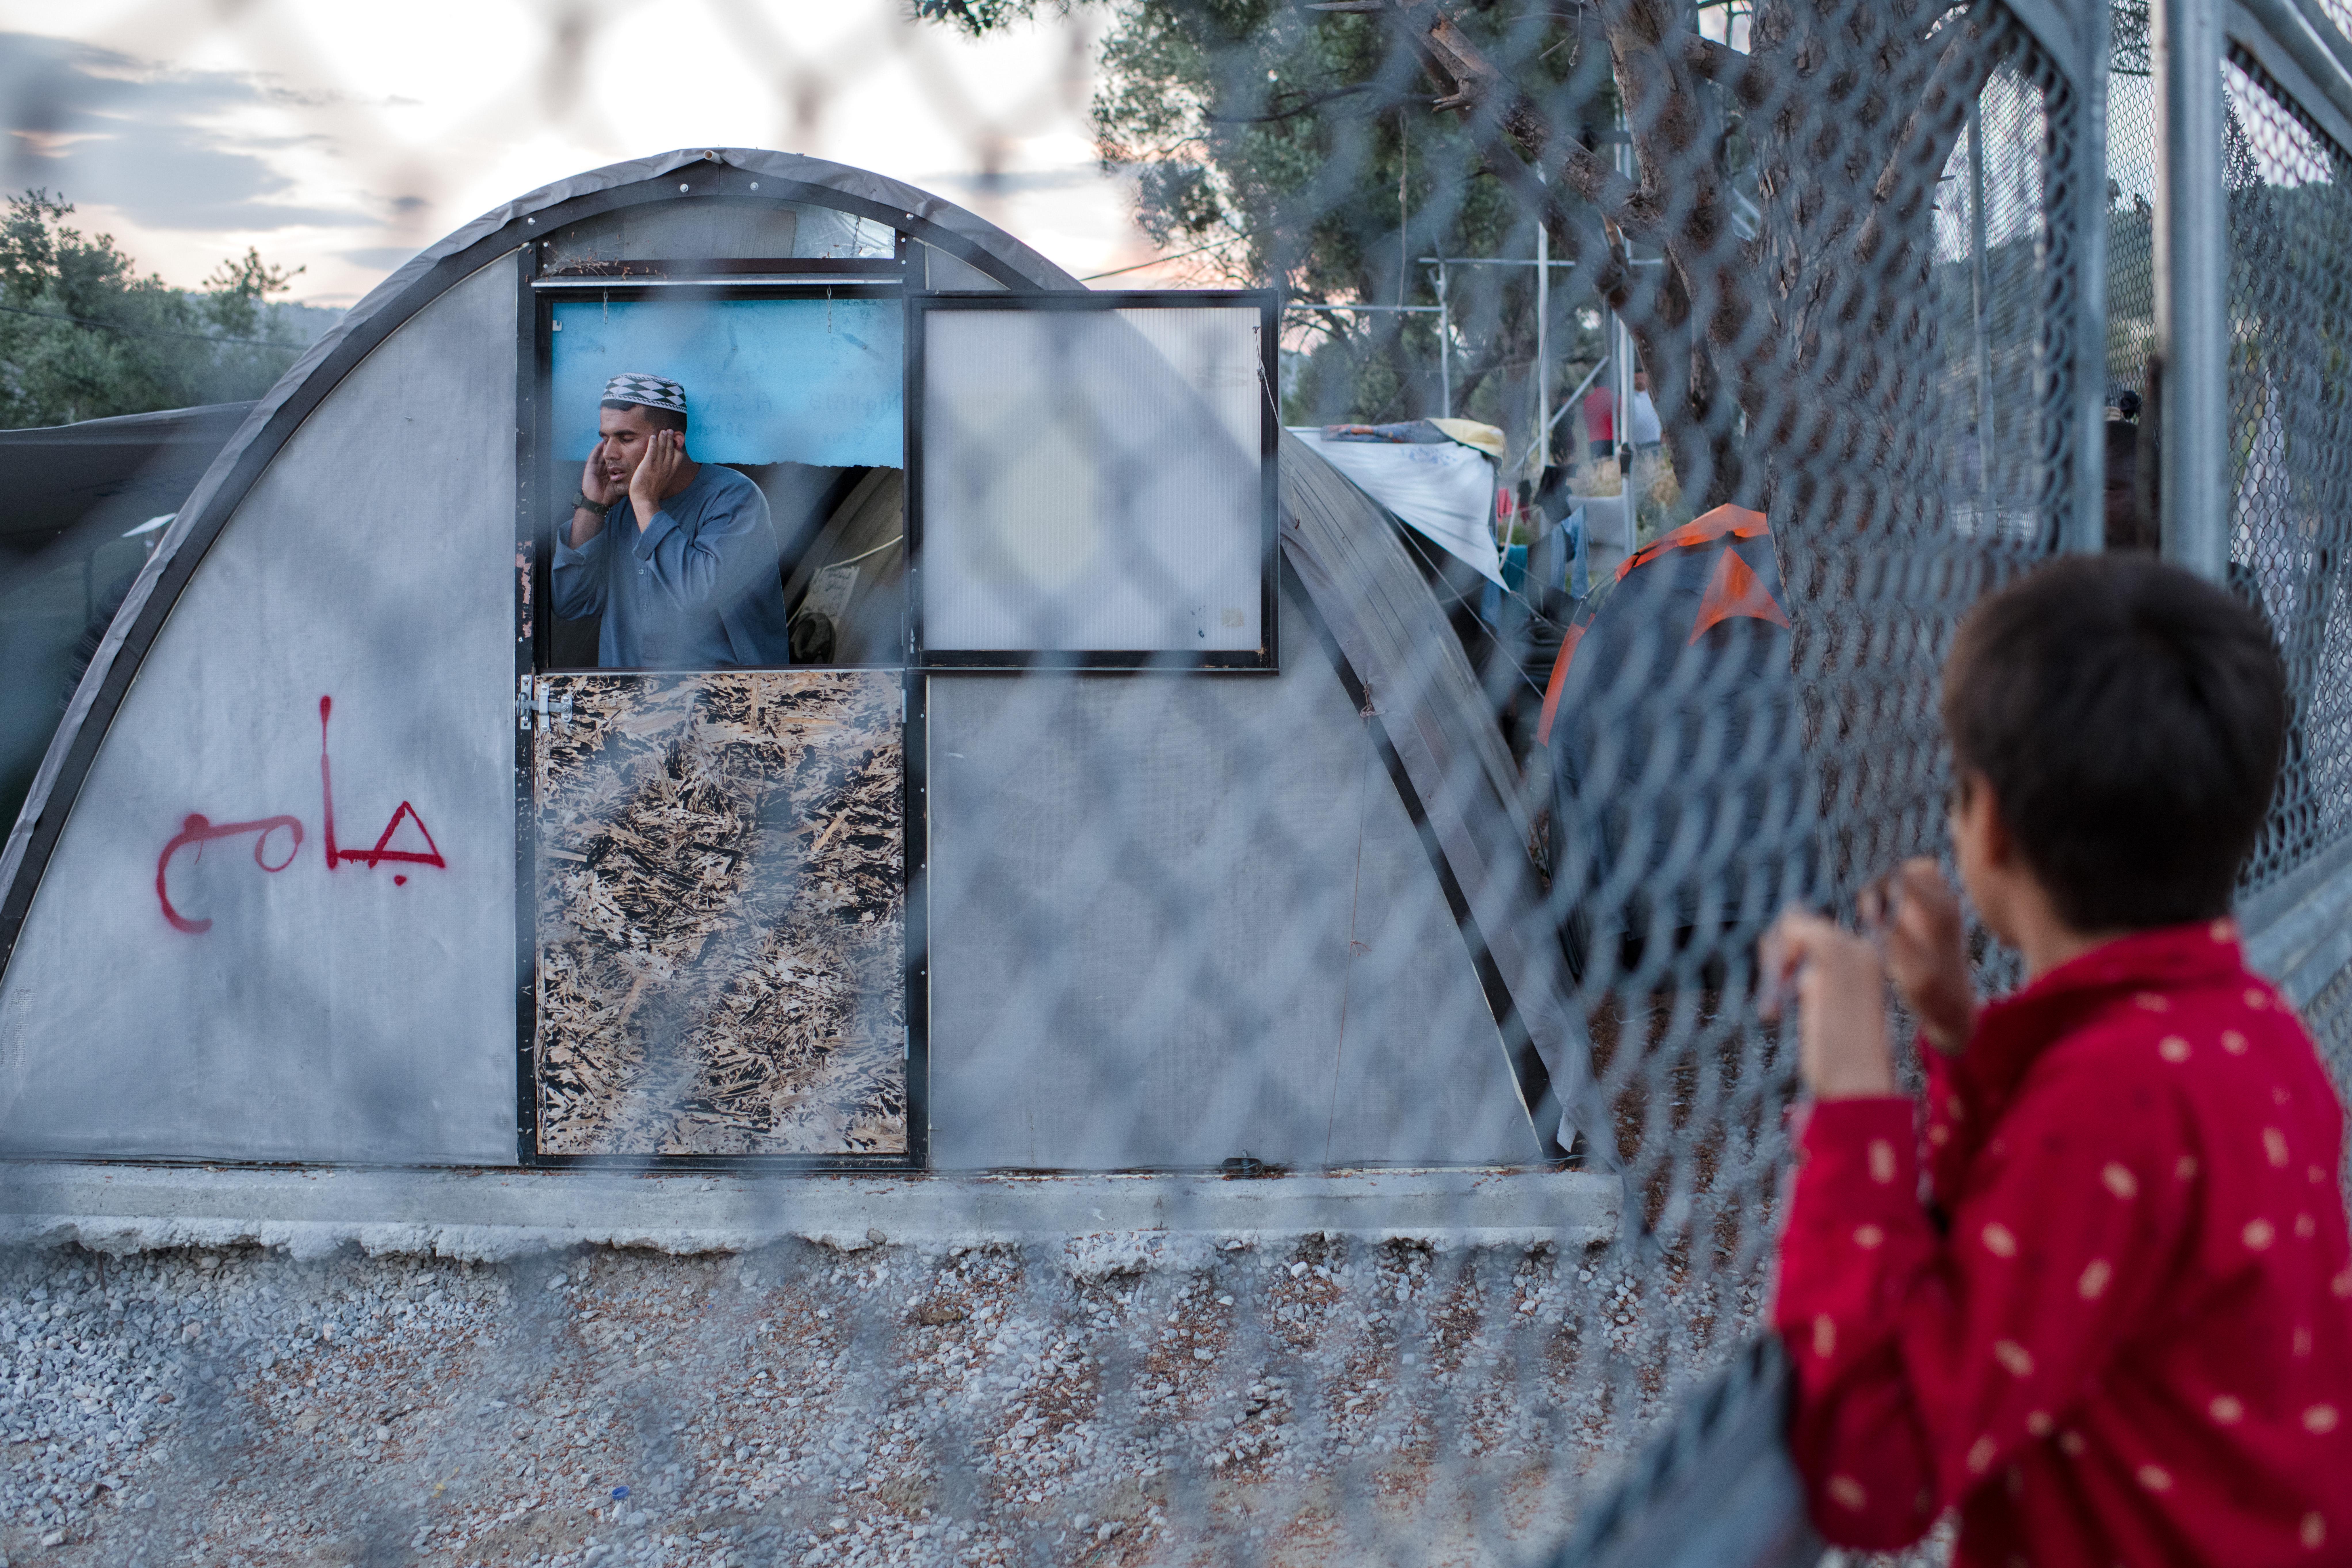 Un enfant regarde un bâtiment qui fait office de mosquée dans le camp de Moria, mai 2018. ©Robin Hammond/Witness Change